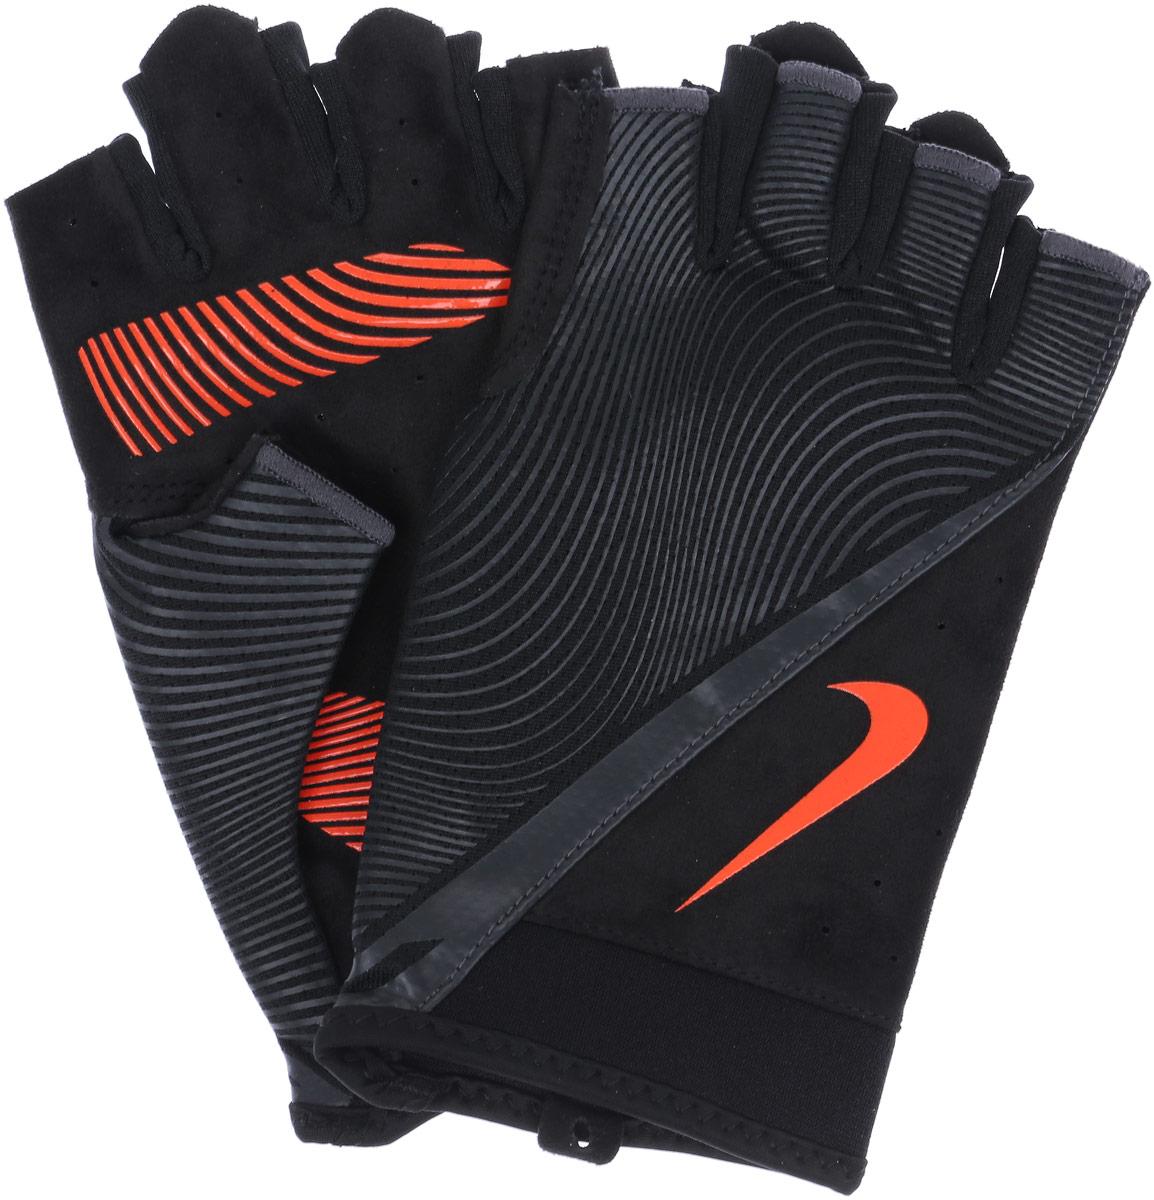 Перчатки тренировочные мужские Nike, цвет: черный, серый, красный. Размер L цена